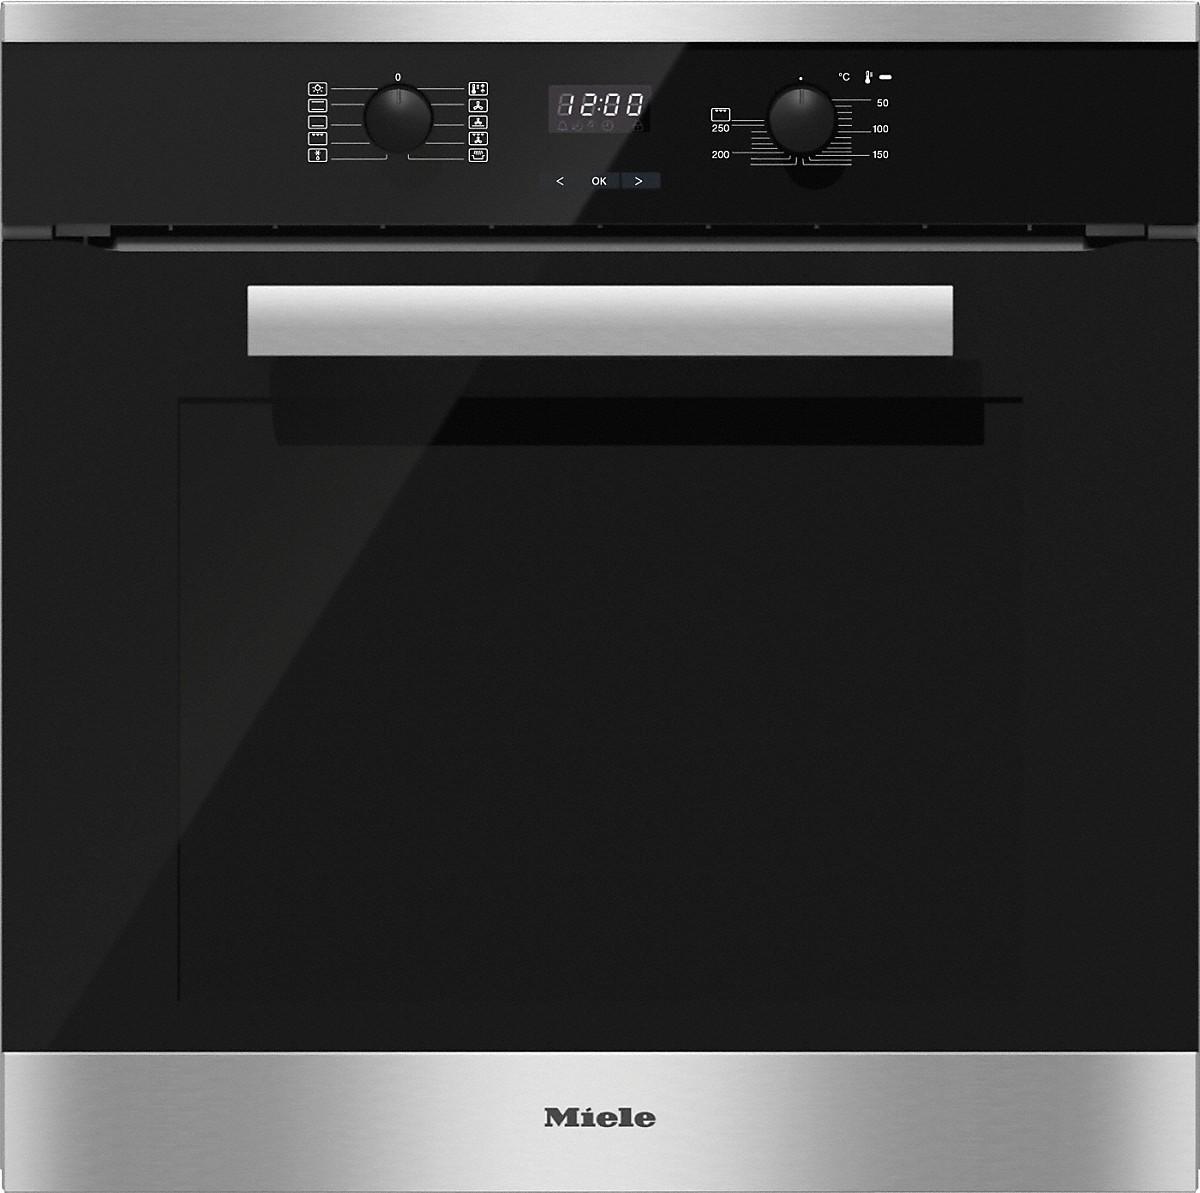 miele ovens h 2661 b ovens. Black Bedroom Furniture Sets. Home Design Ideas